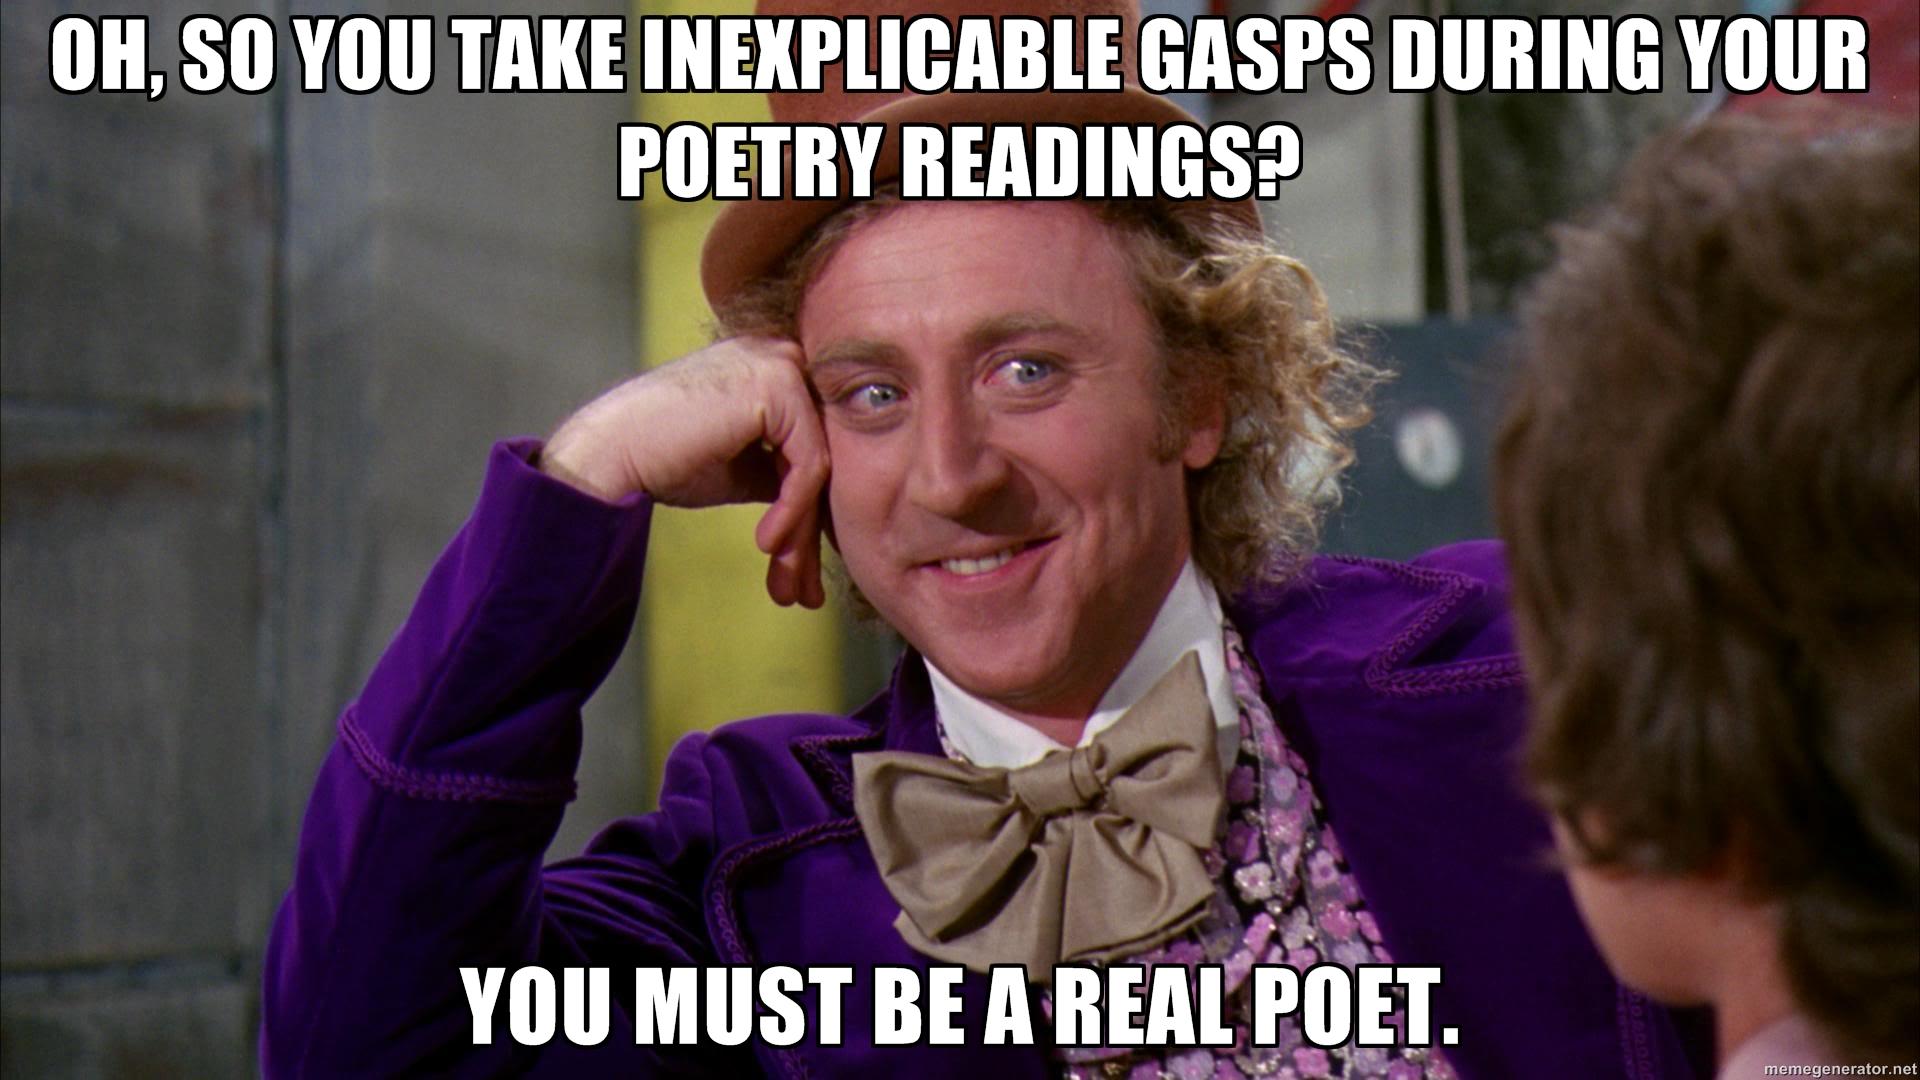 gasping-poet-2.jpg